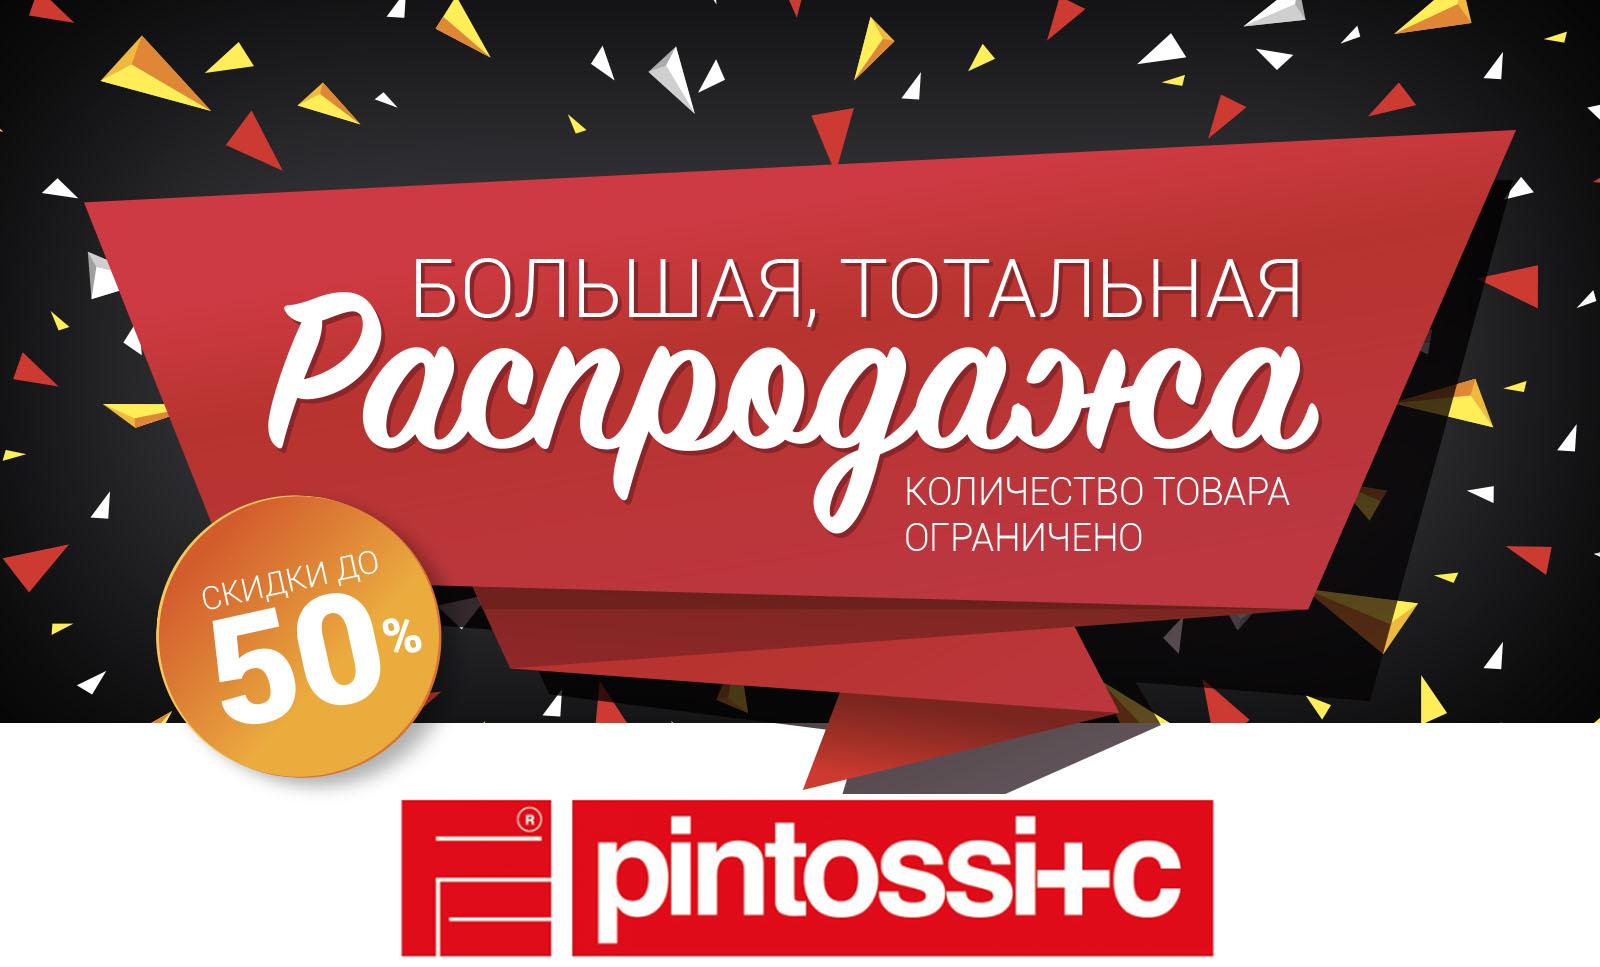 Тотальная распродажа Pintossi+C